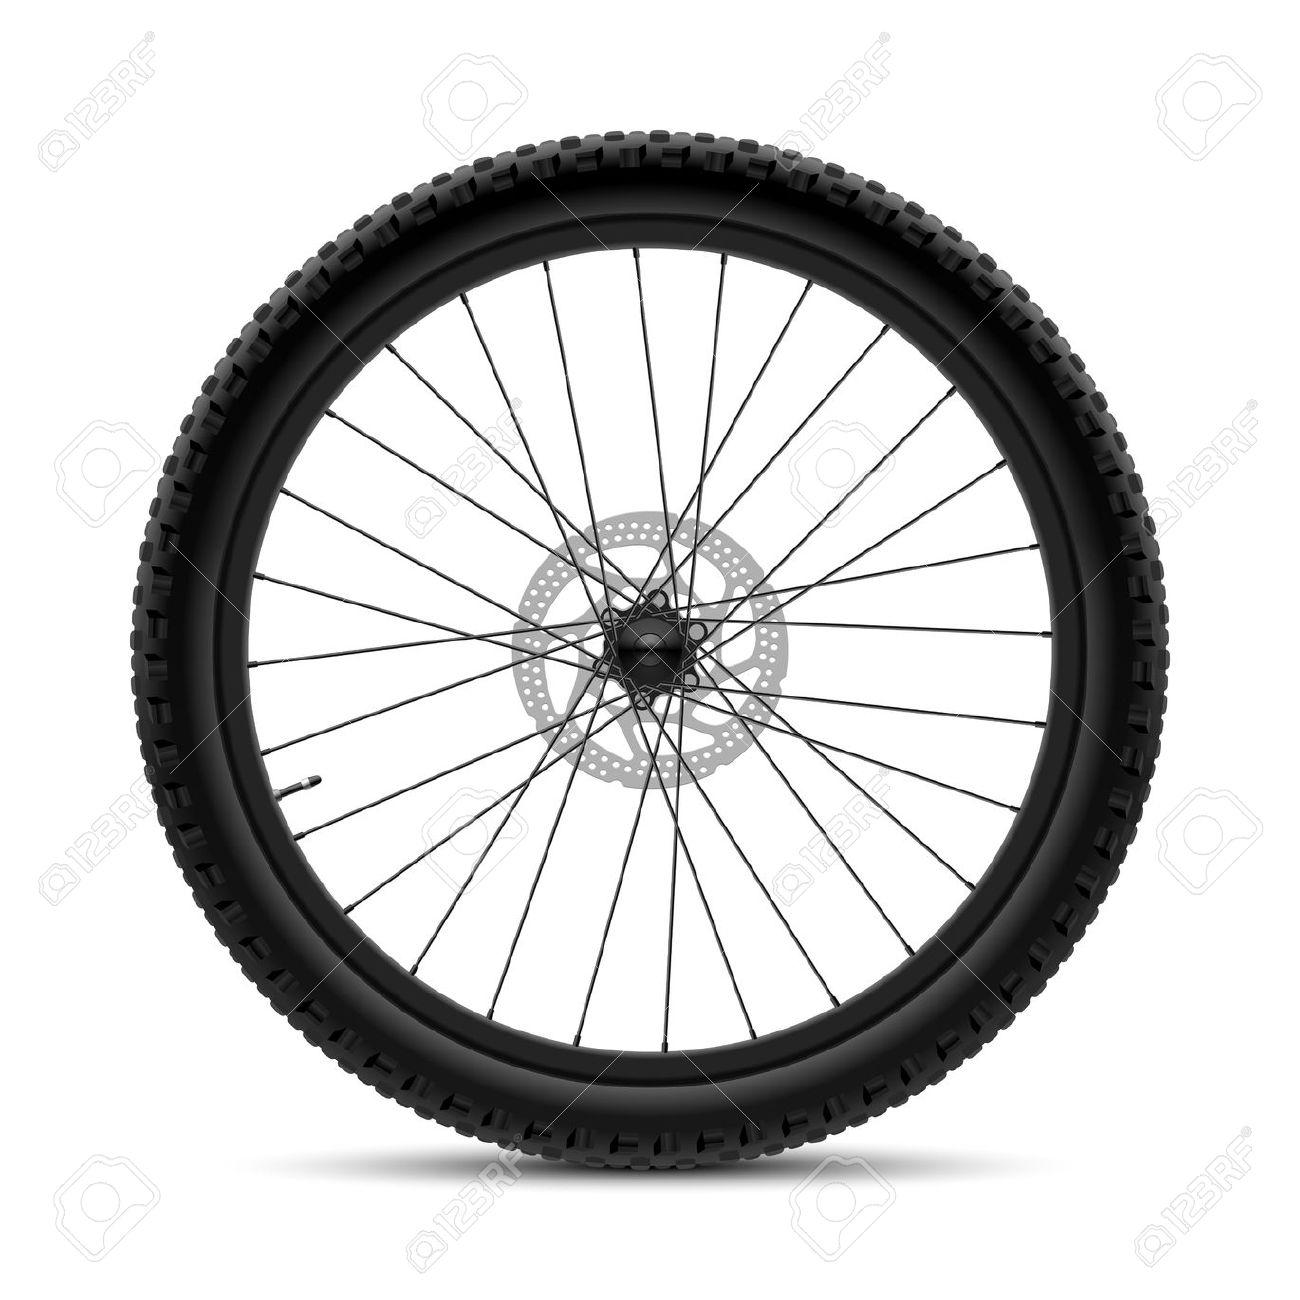 1300x1300 14441784 Bicycle Wheel Stock Vector Bike.jpg (Jpeg Image, 1300